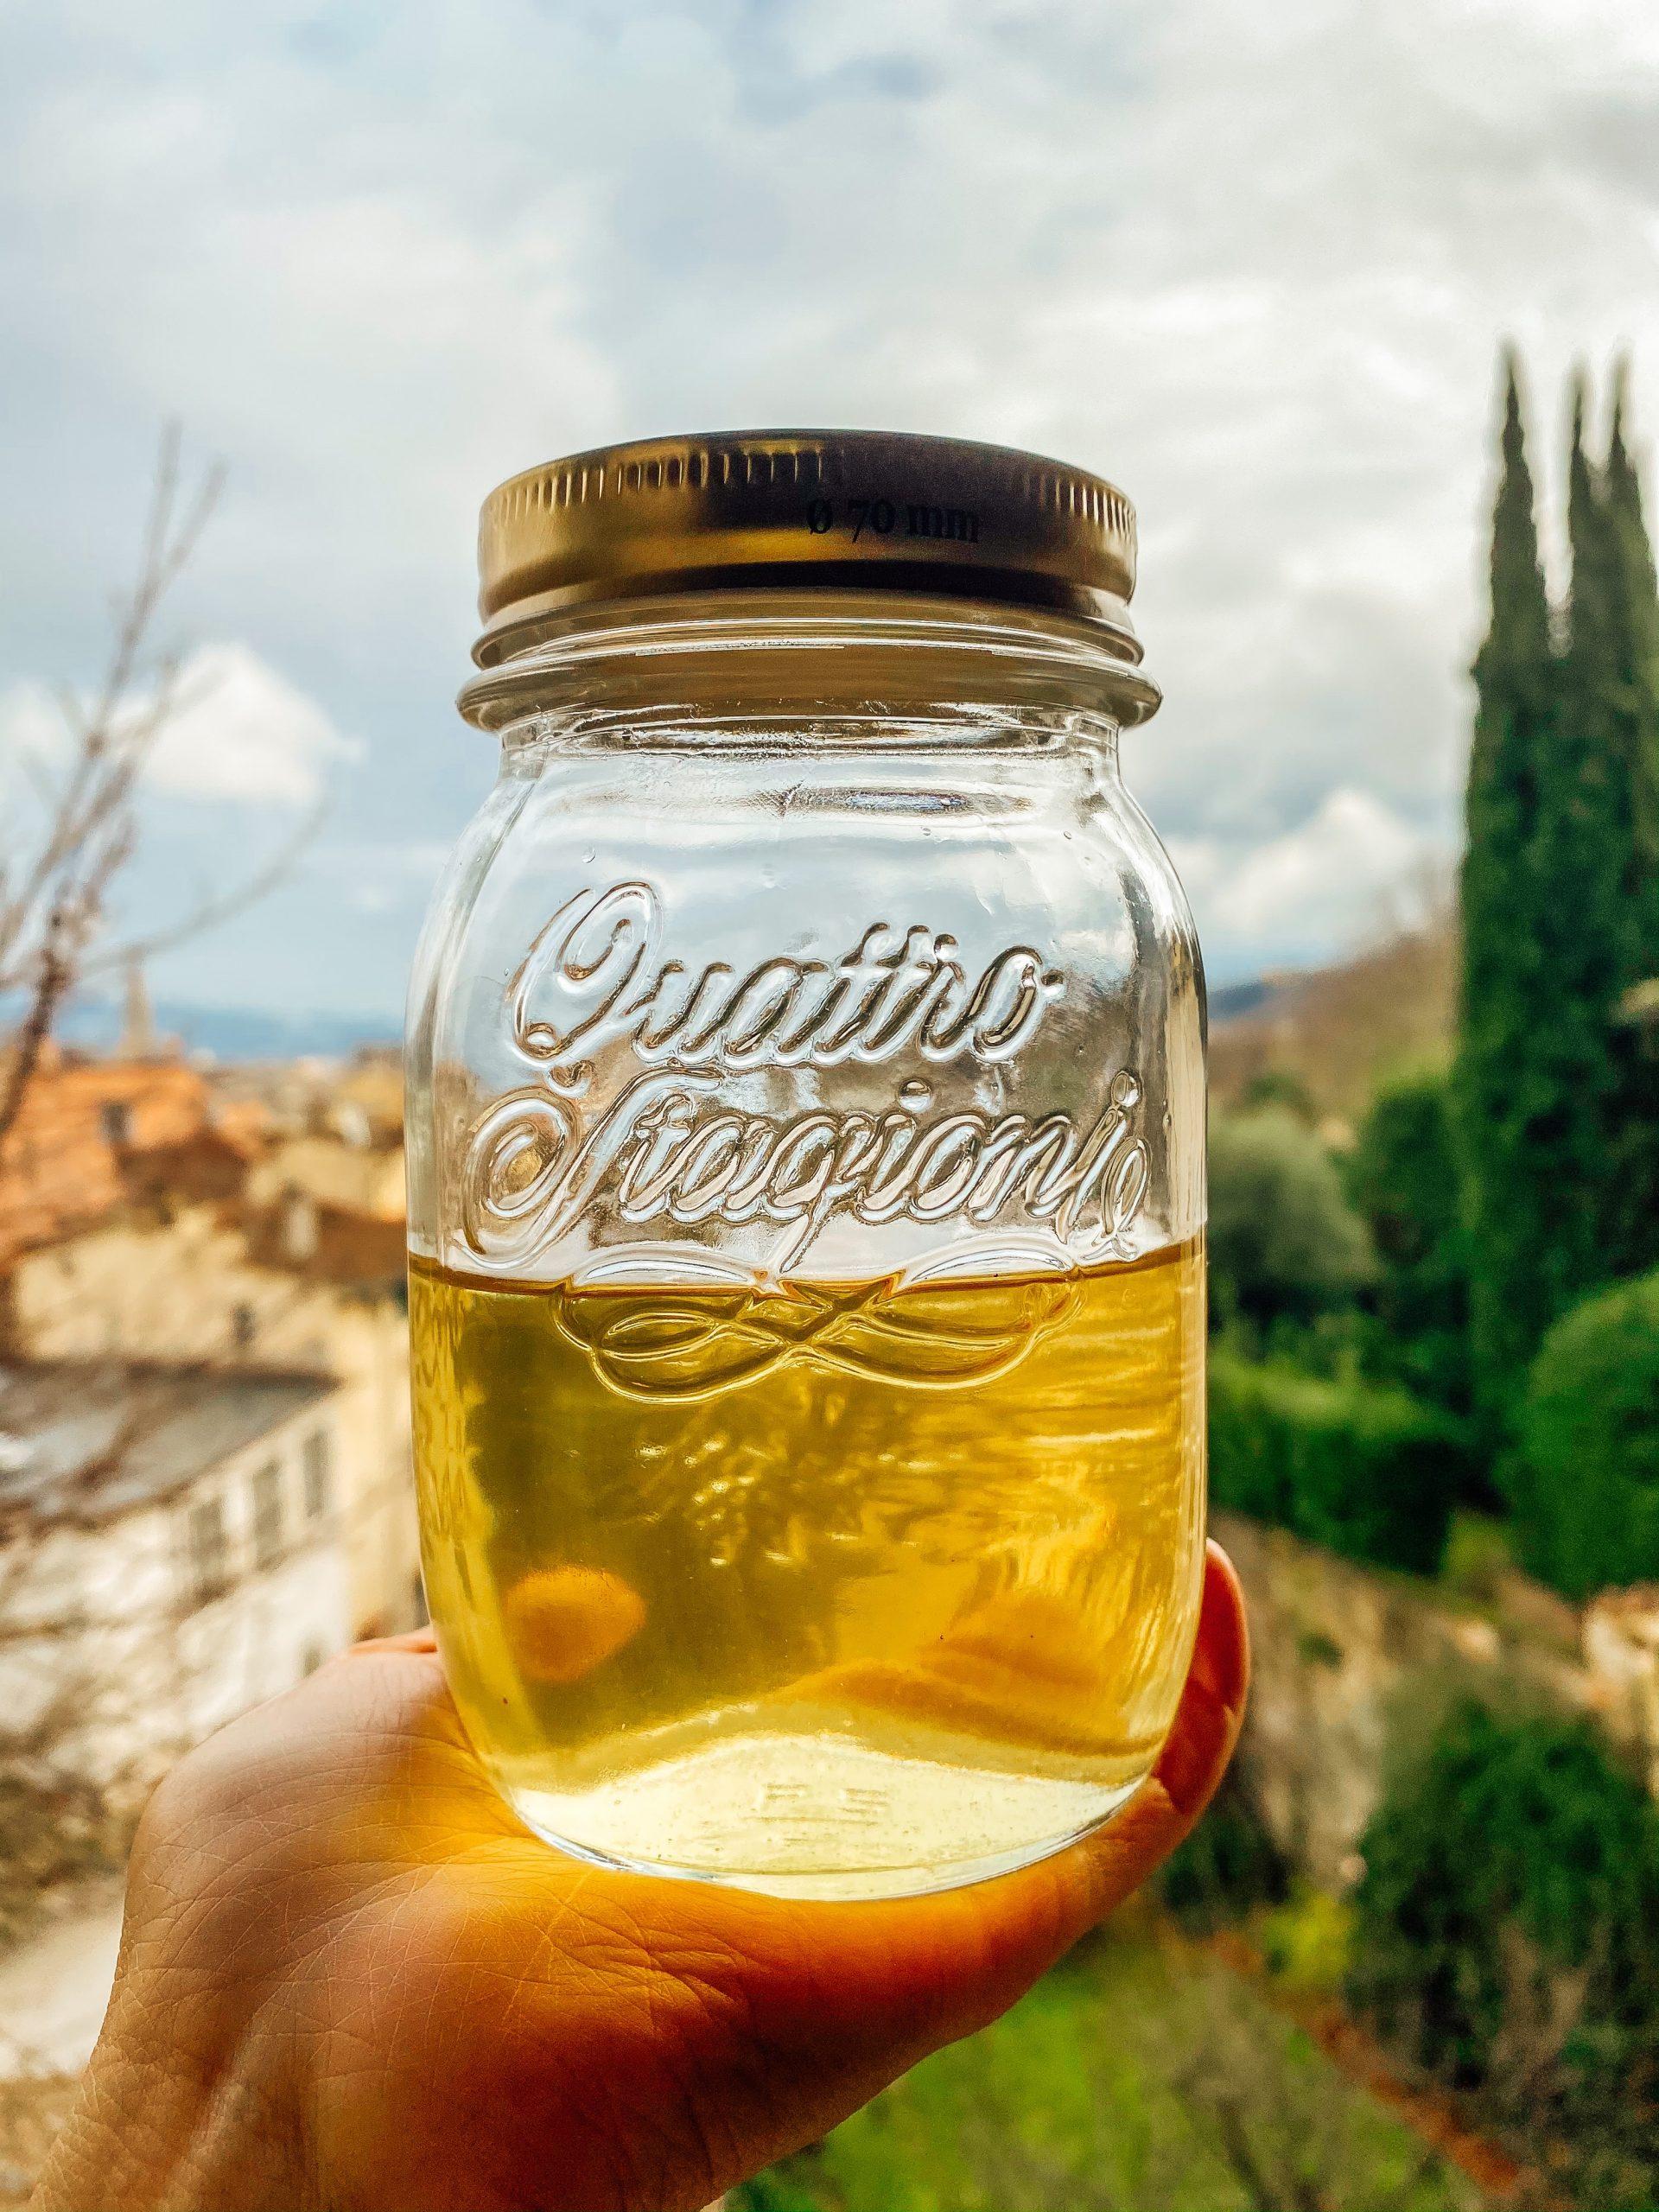 Attendi che l'olio si raffreddi completamente. Passalo da un colino fine prima di metterlo all'interno di un contenitore di vetro ben chiuso. Conserva in frigorifero e usalo al bisogno.